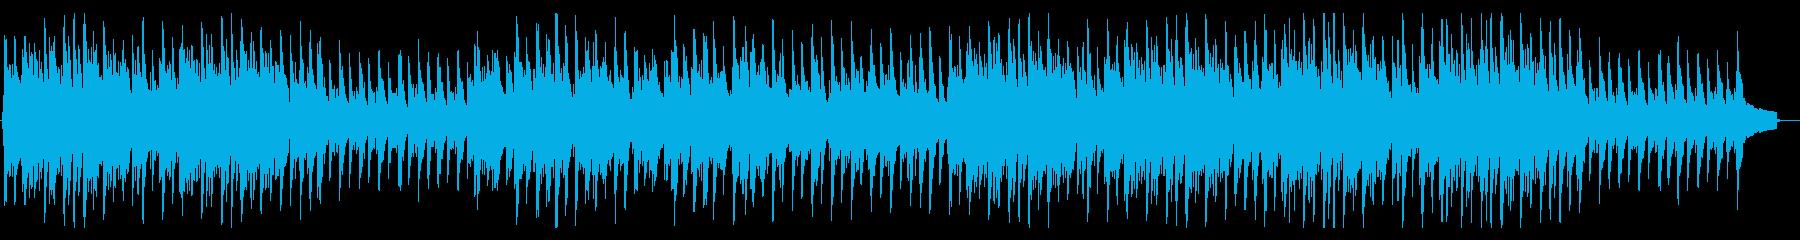 ピアノとアコギの感動的なエンディング曲の再生済みの波形